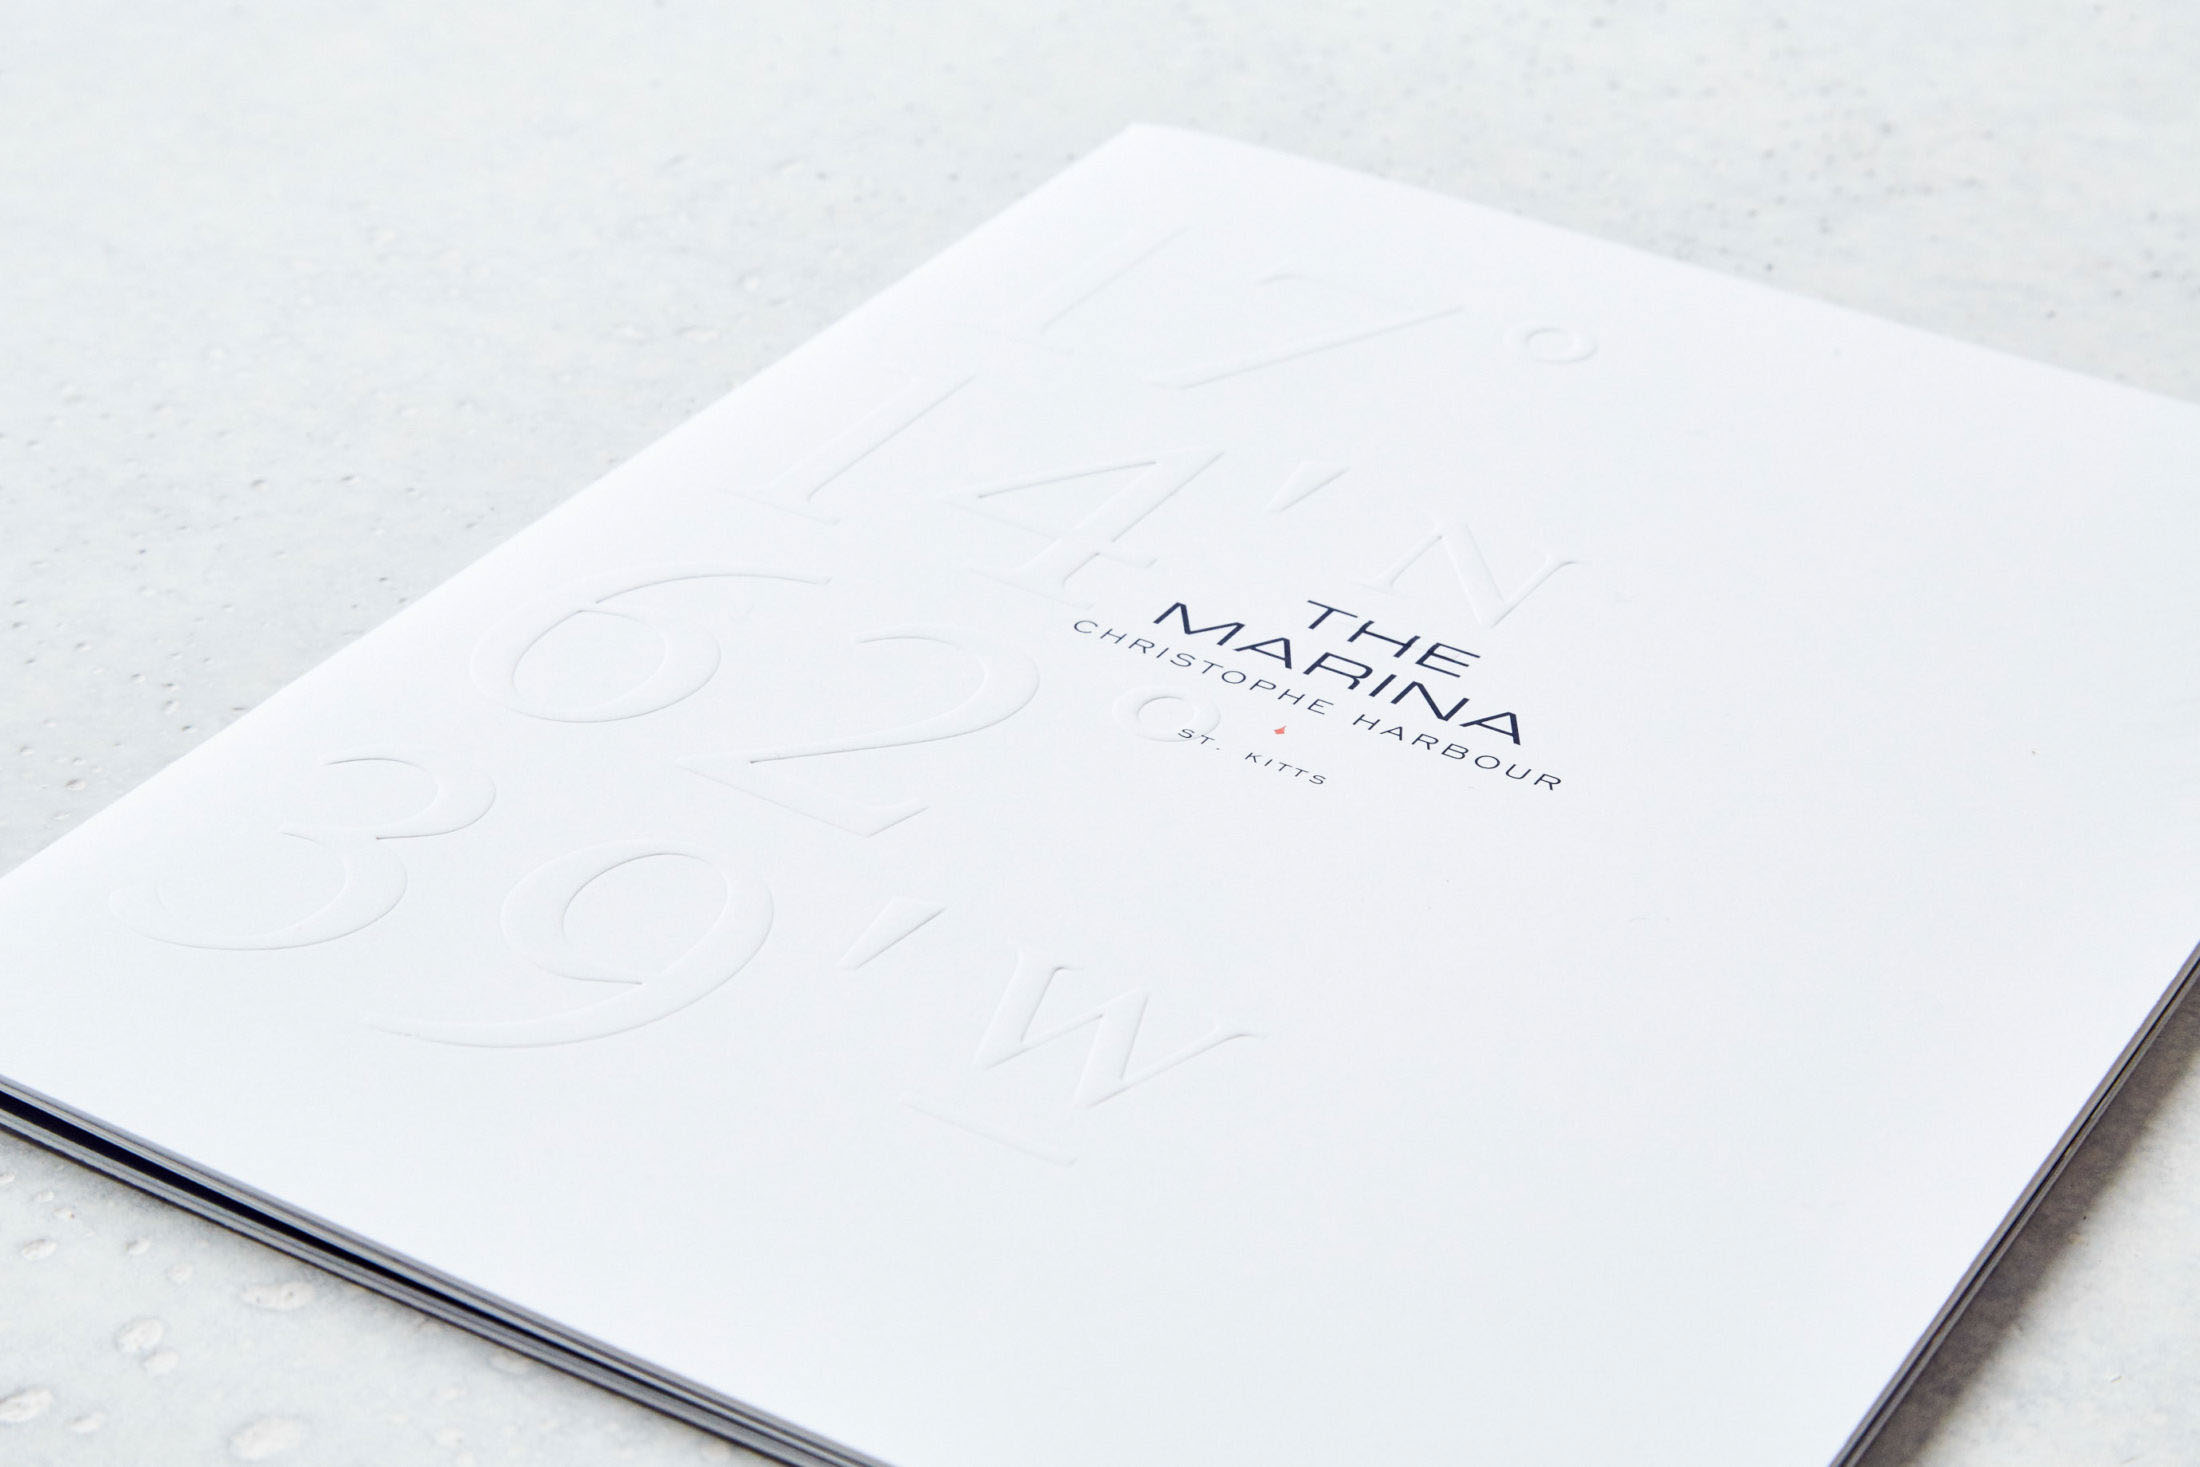 белая брошюра с тиснением